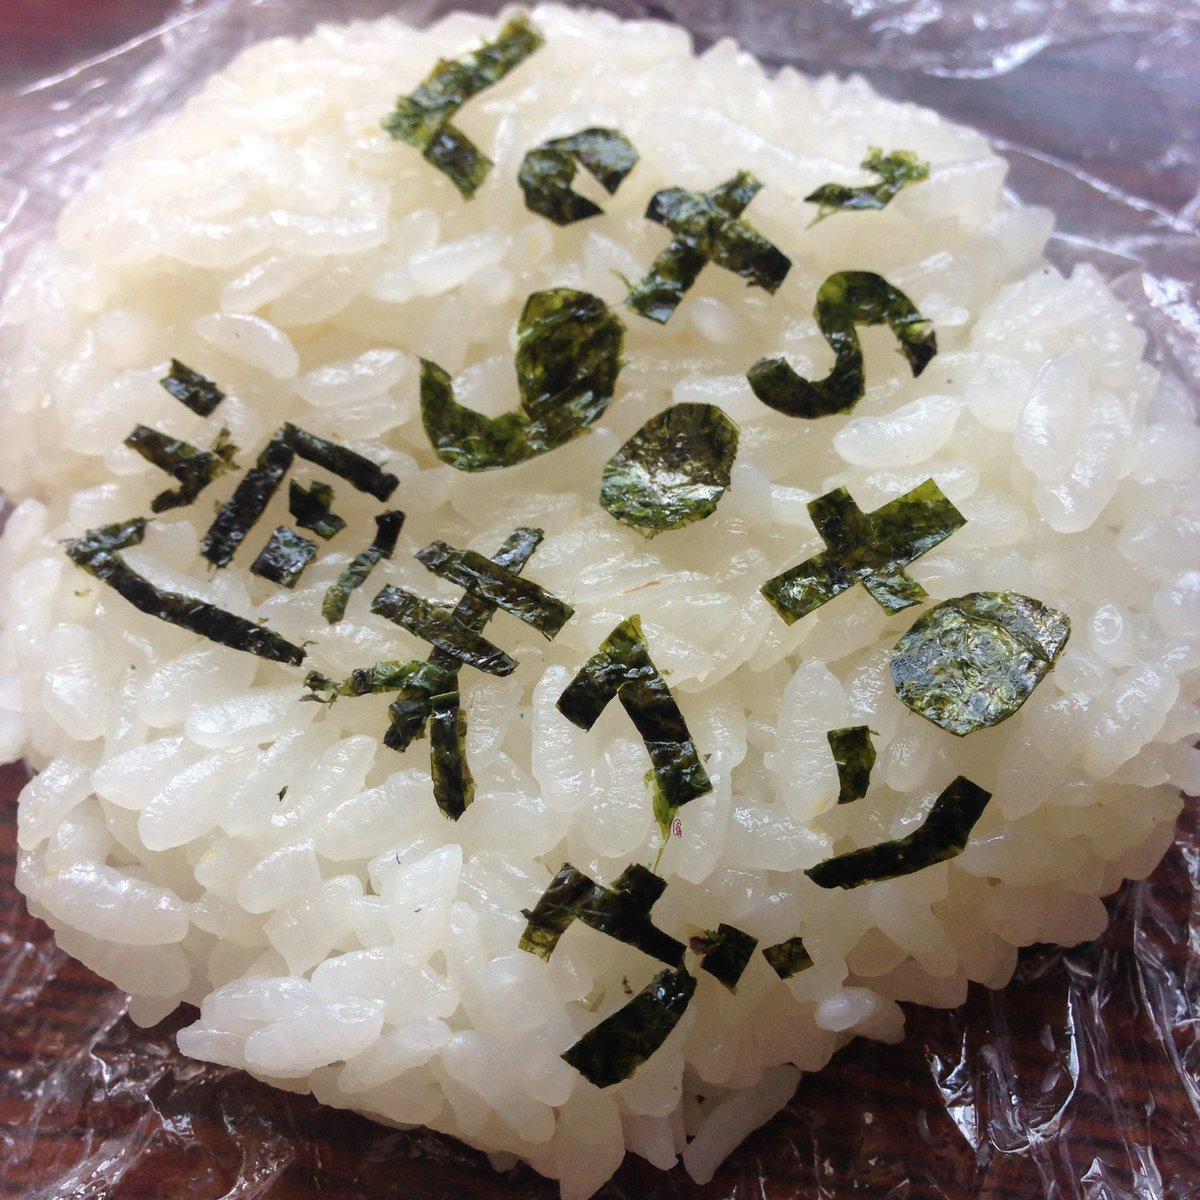 歪なカタチ私のココロか?!皆さまお仕事でもお休みでも週末へ5月最後の週末だ#SMAP25YEARS #onigiri